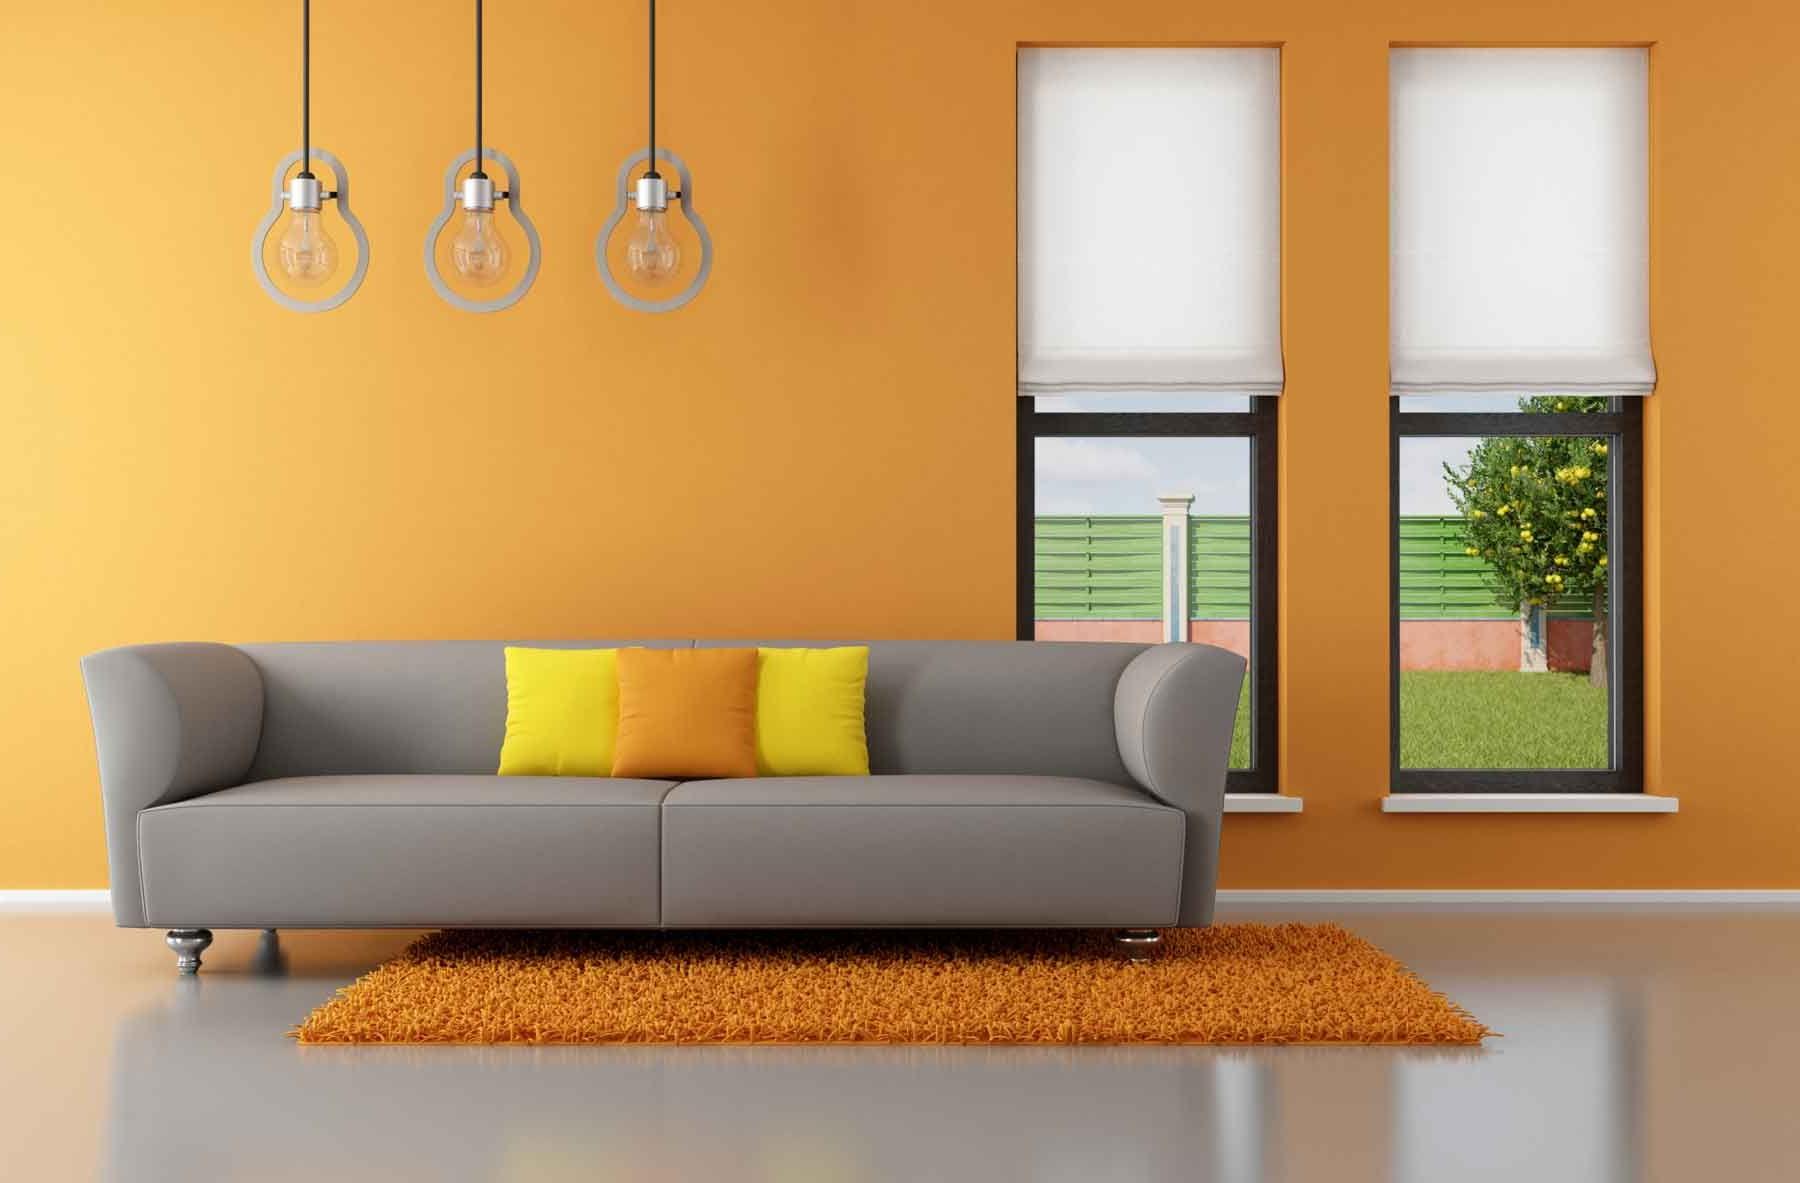 Sofa Gris Como Pintar Las Paredes Q0d4 sofà De Color Gris Para El Salà N Hogarmania